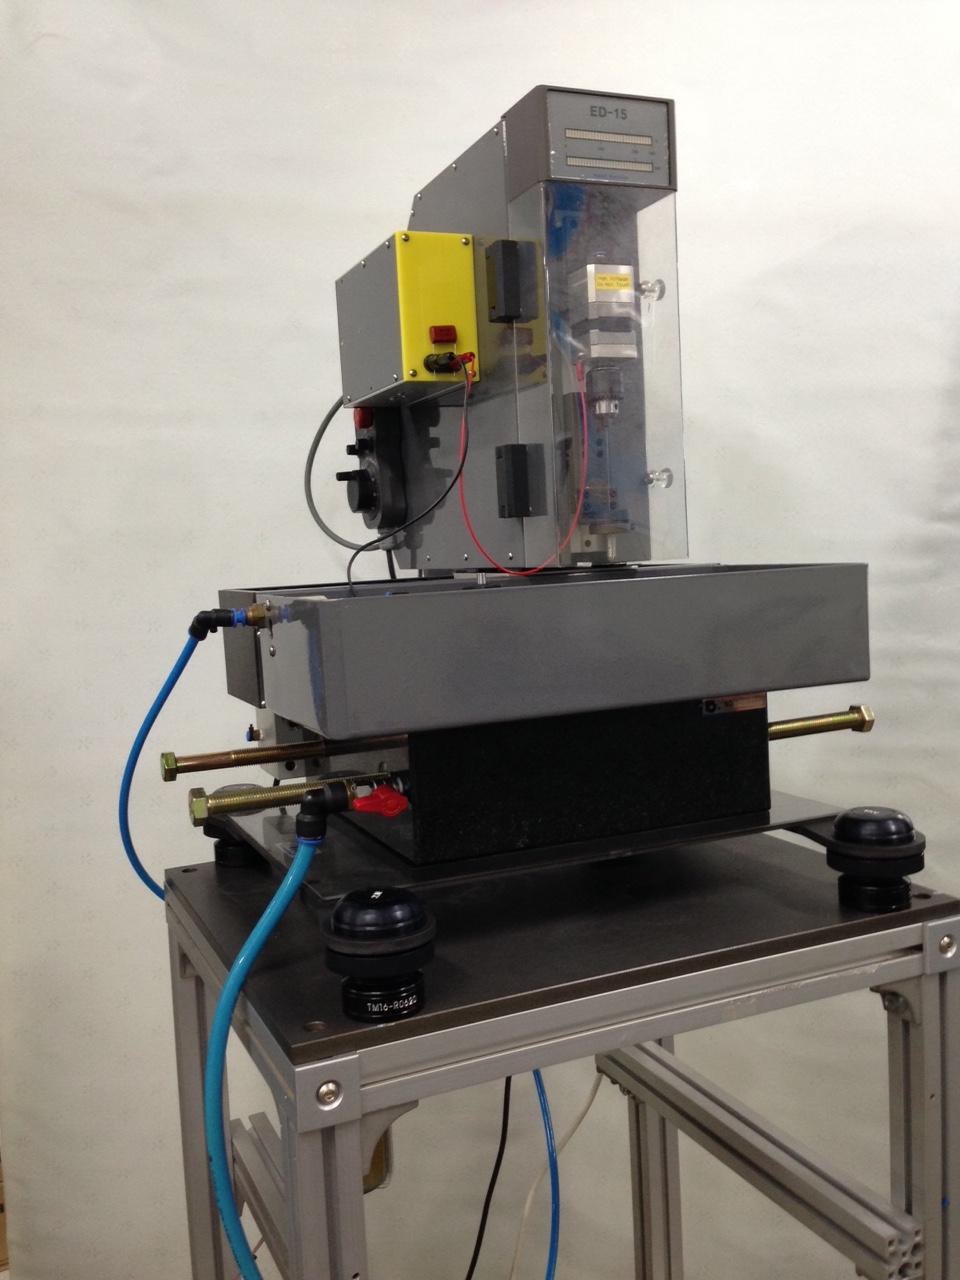 마이크로 방전가공기, Micro Electric spark machine with CTM series (iVIC Co). coil spring vibration isolation Platform.